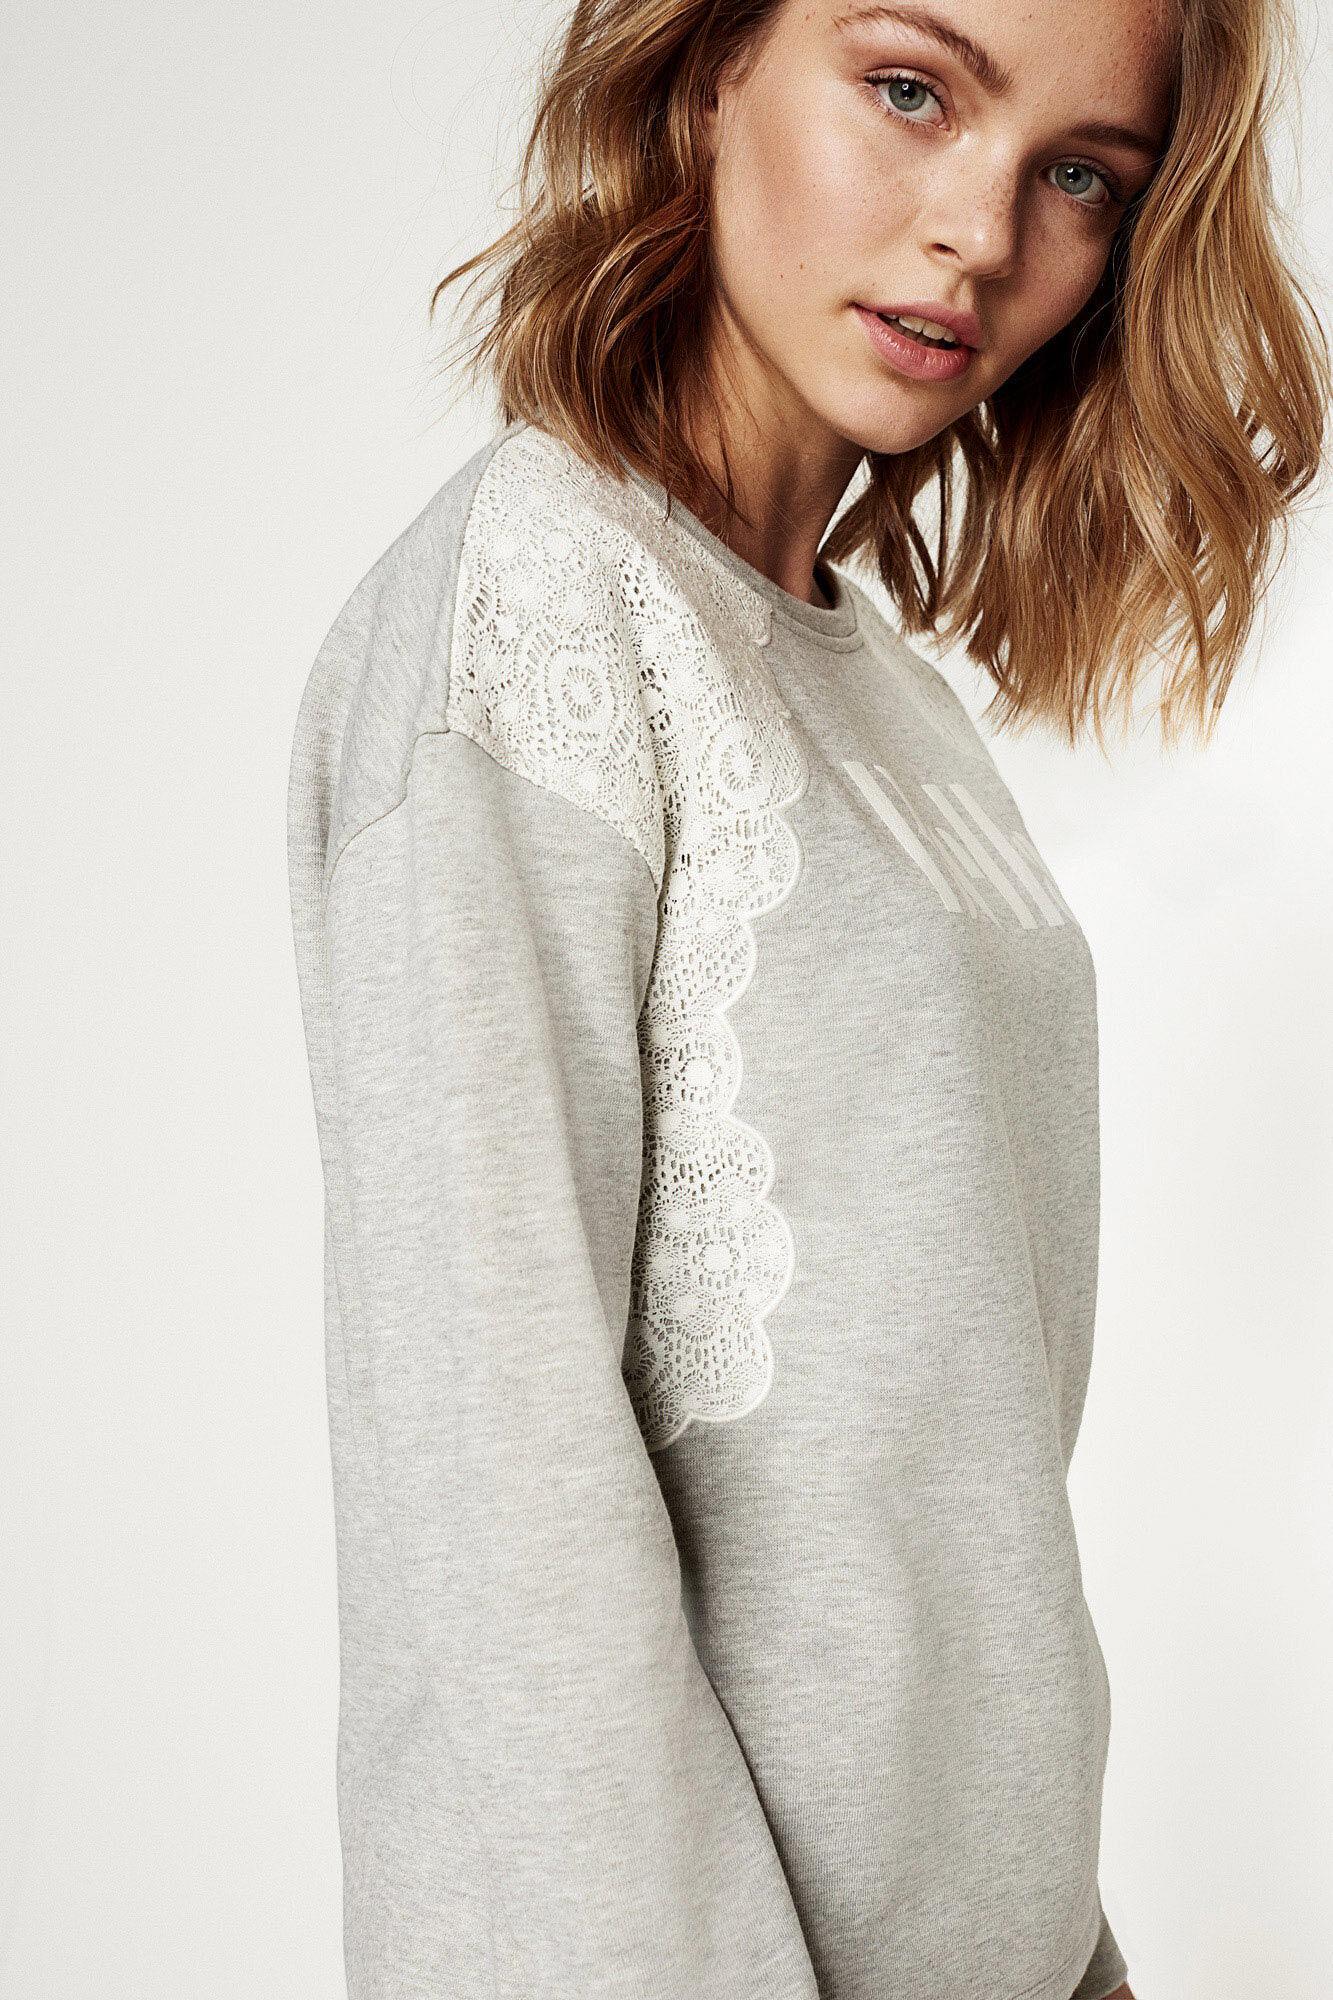 Fifty 'bella' Camisetas Sudadera Camisetas 'bella' Lace Lace Fifty Sudadera Sudadera FCPqdPxwE